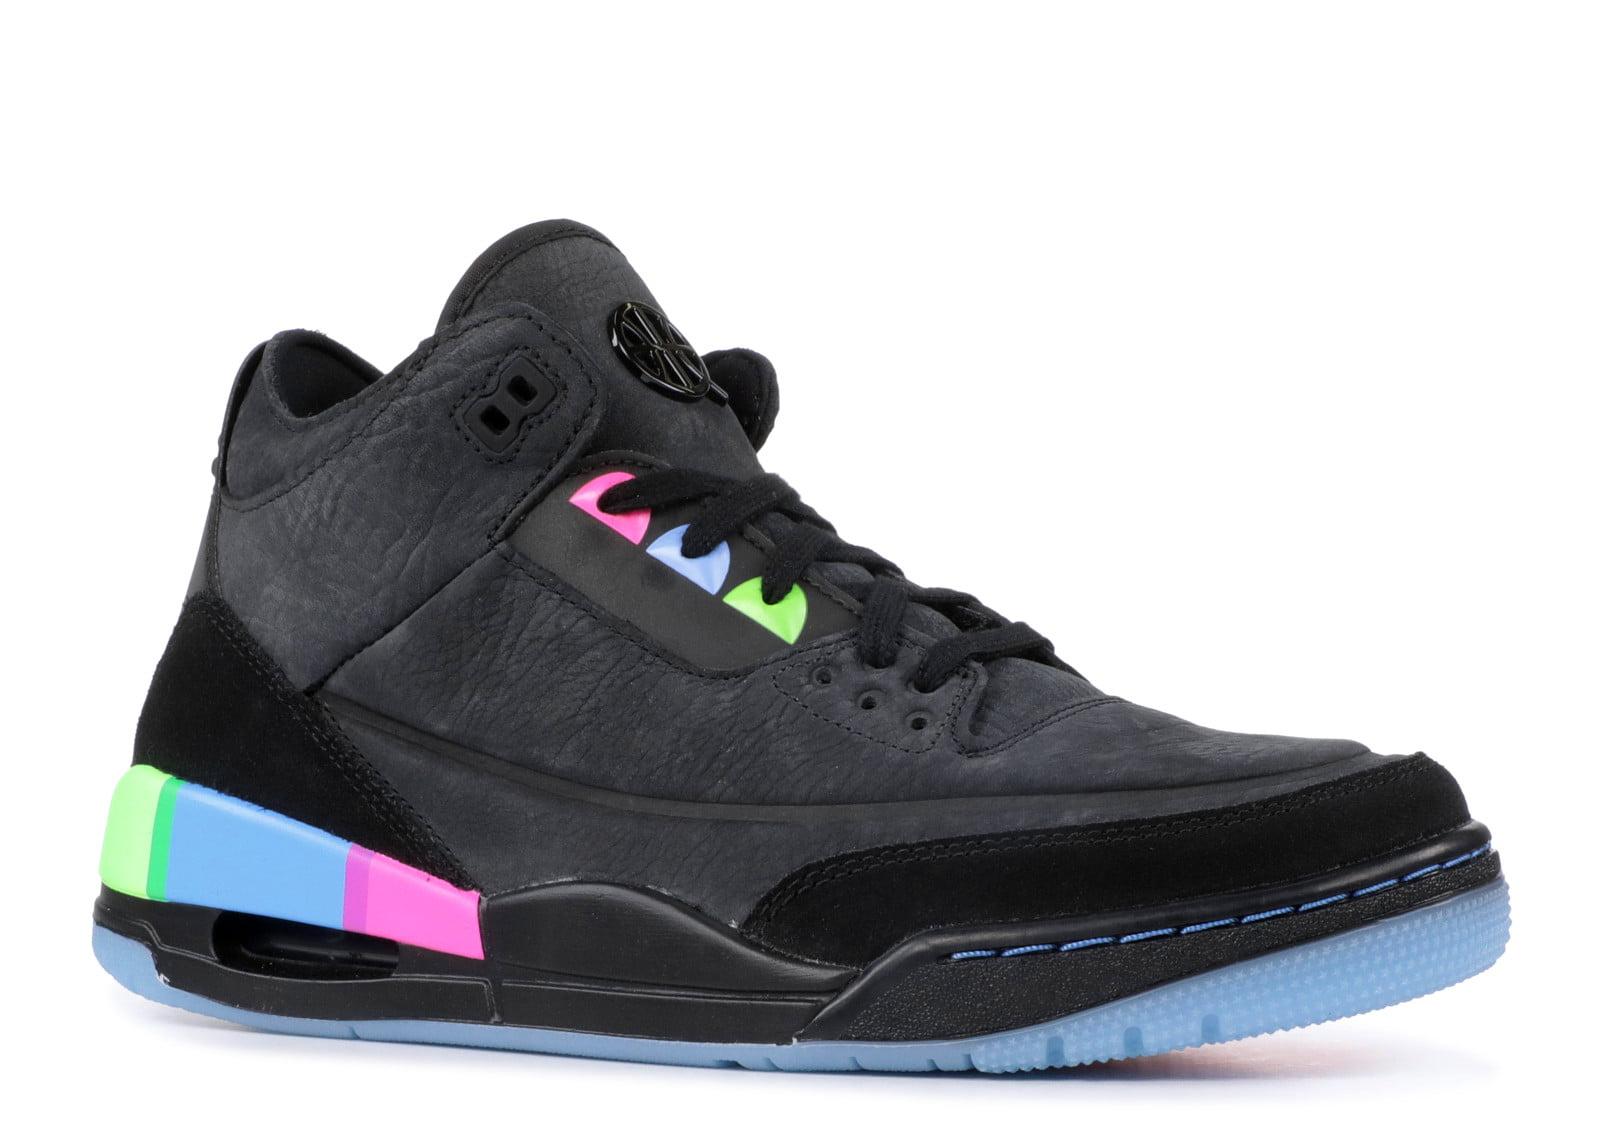 Air Jordan 3 Retro Se Q54 'Quai 54